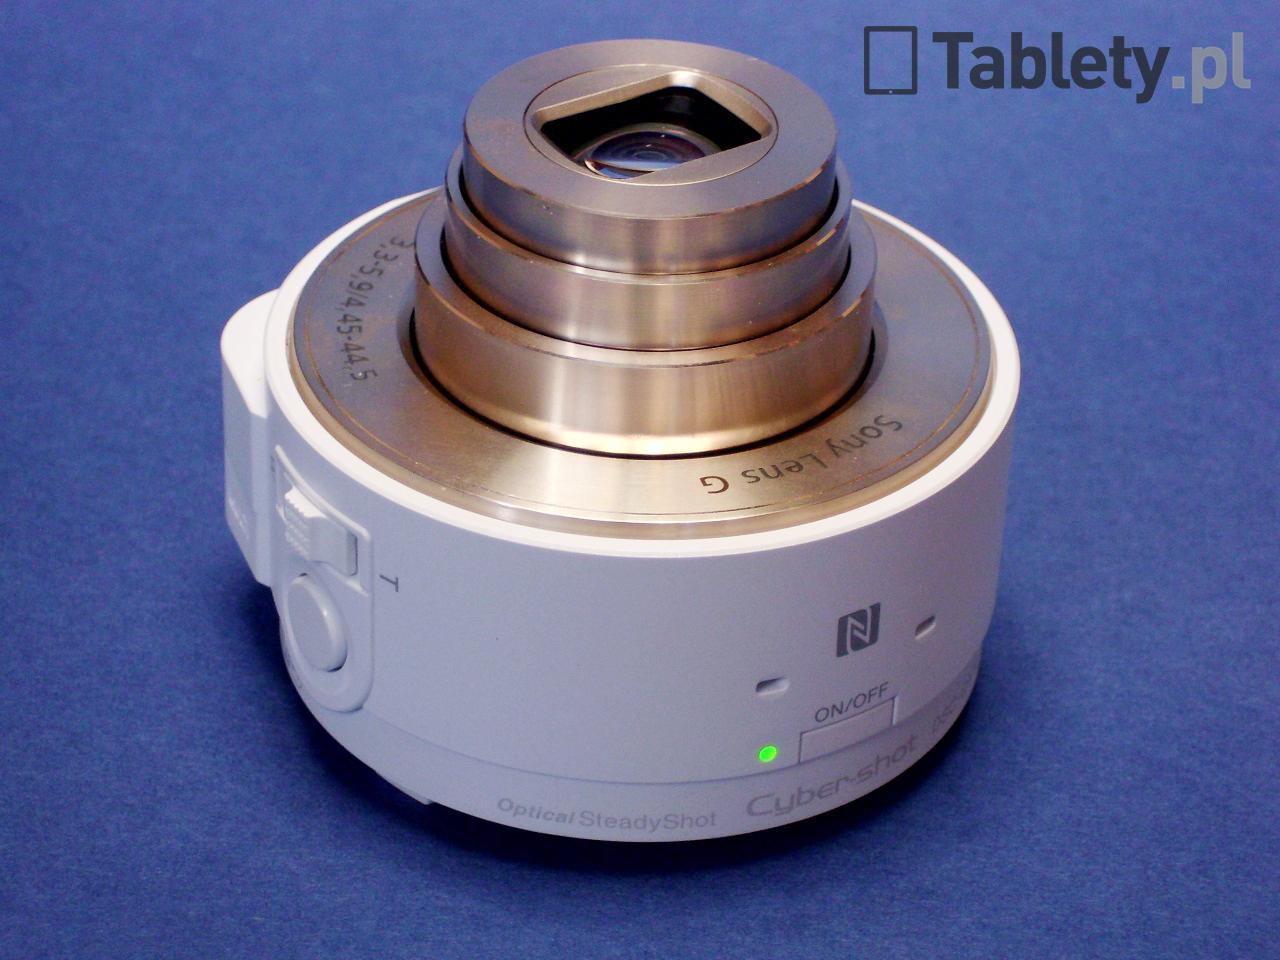 Sony Smart-Shot DSC QX10 8